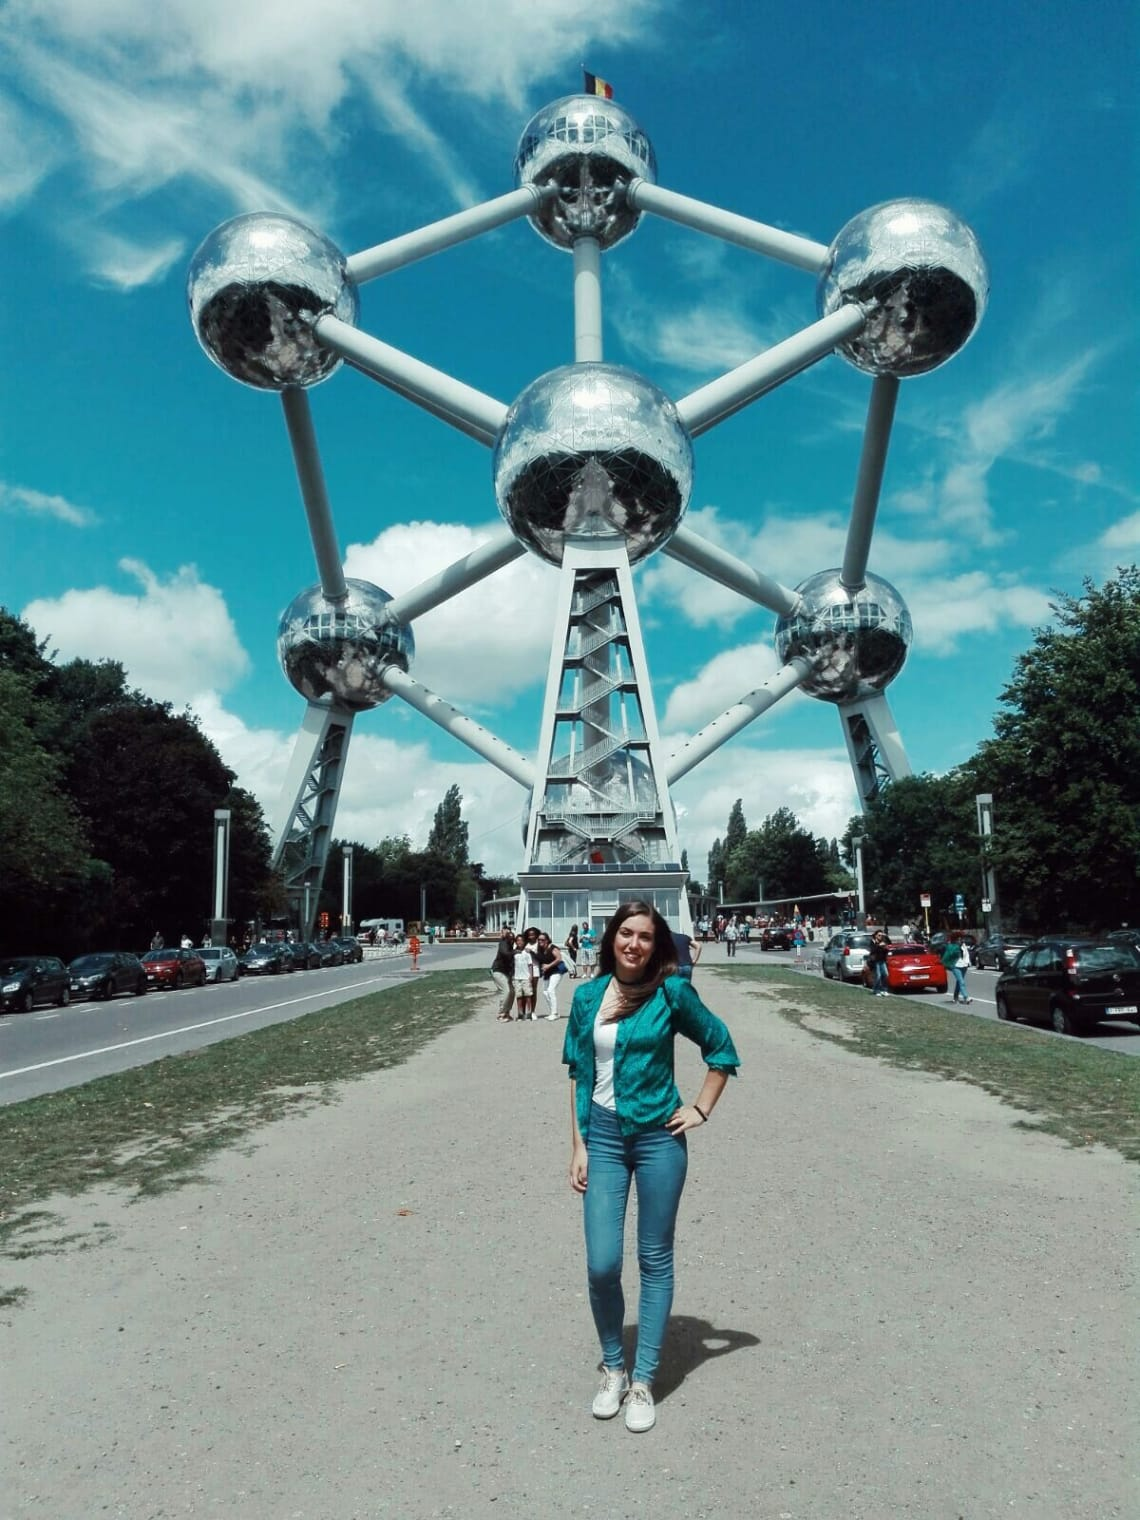 belgica-es-uno-dos-destinos-mas-seguros-para-mujeres-viajando-solo